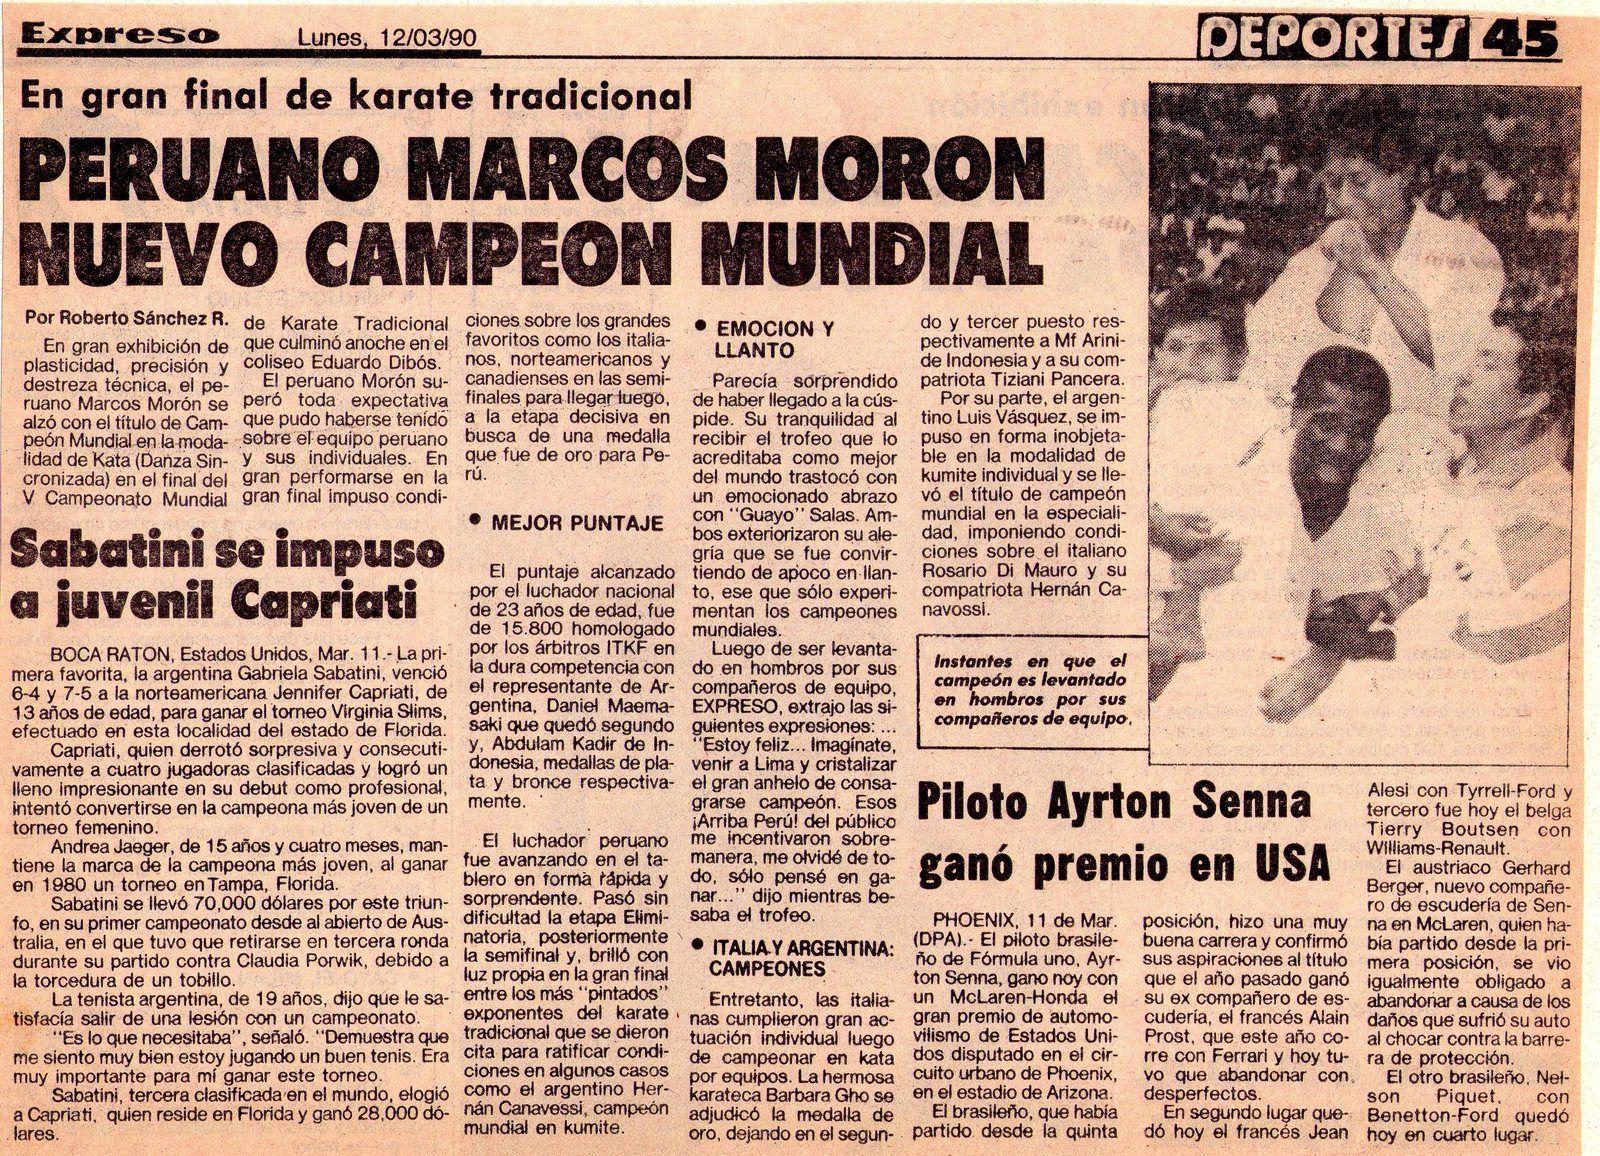 Diario Expreso.